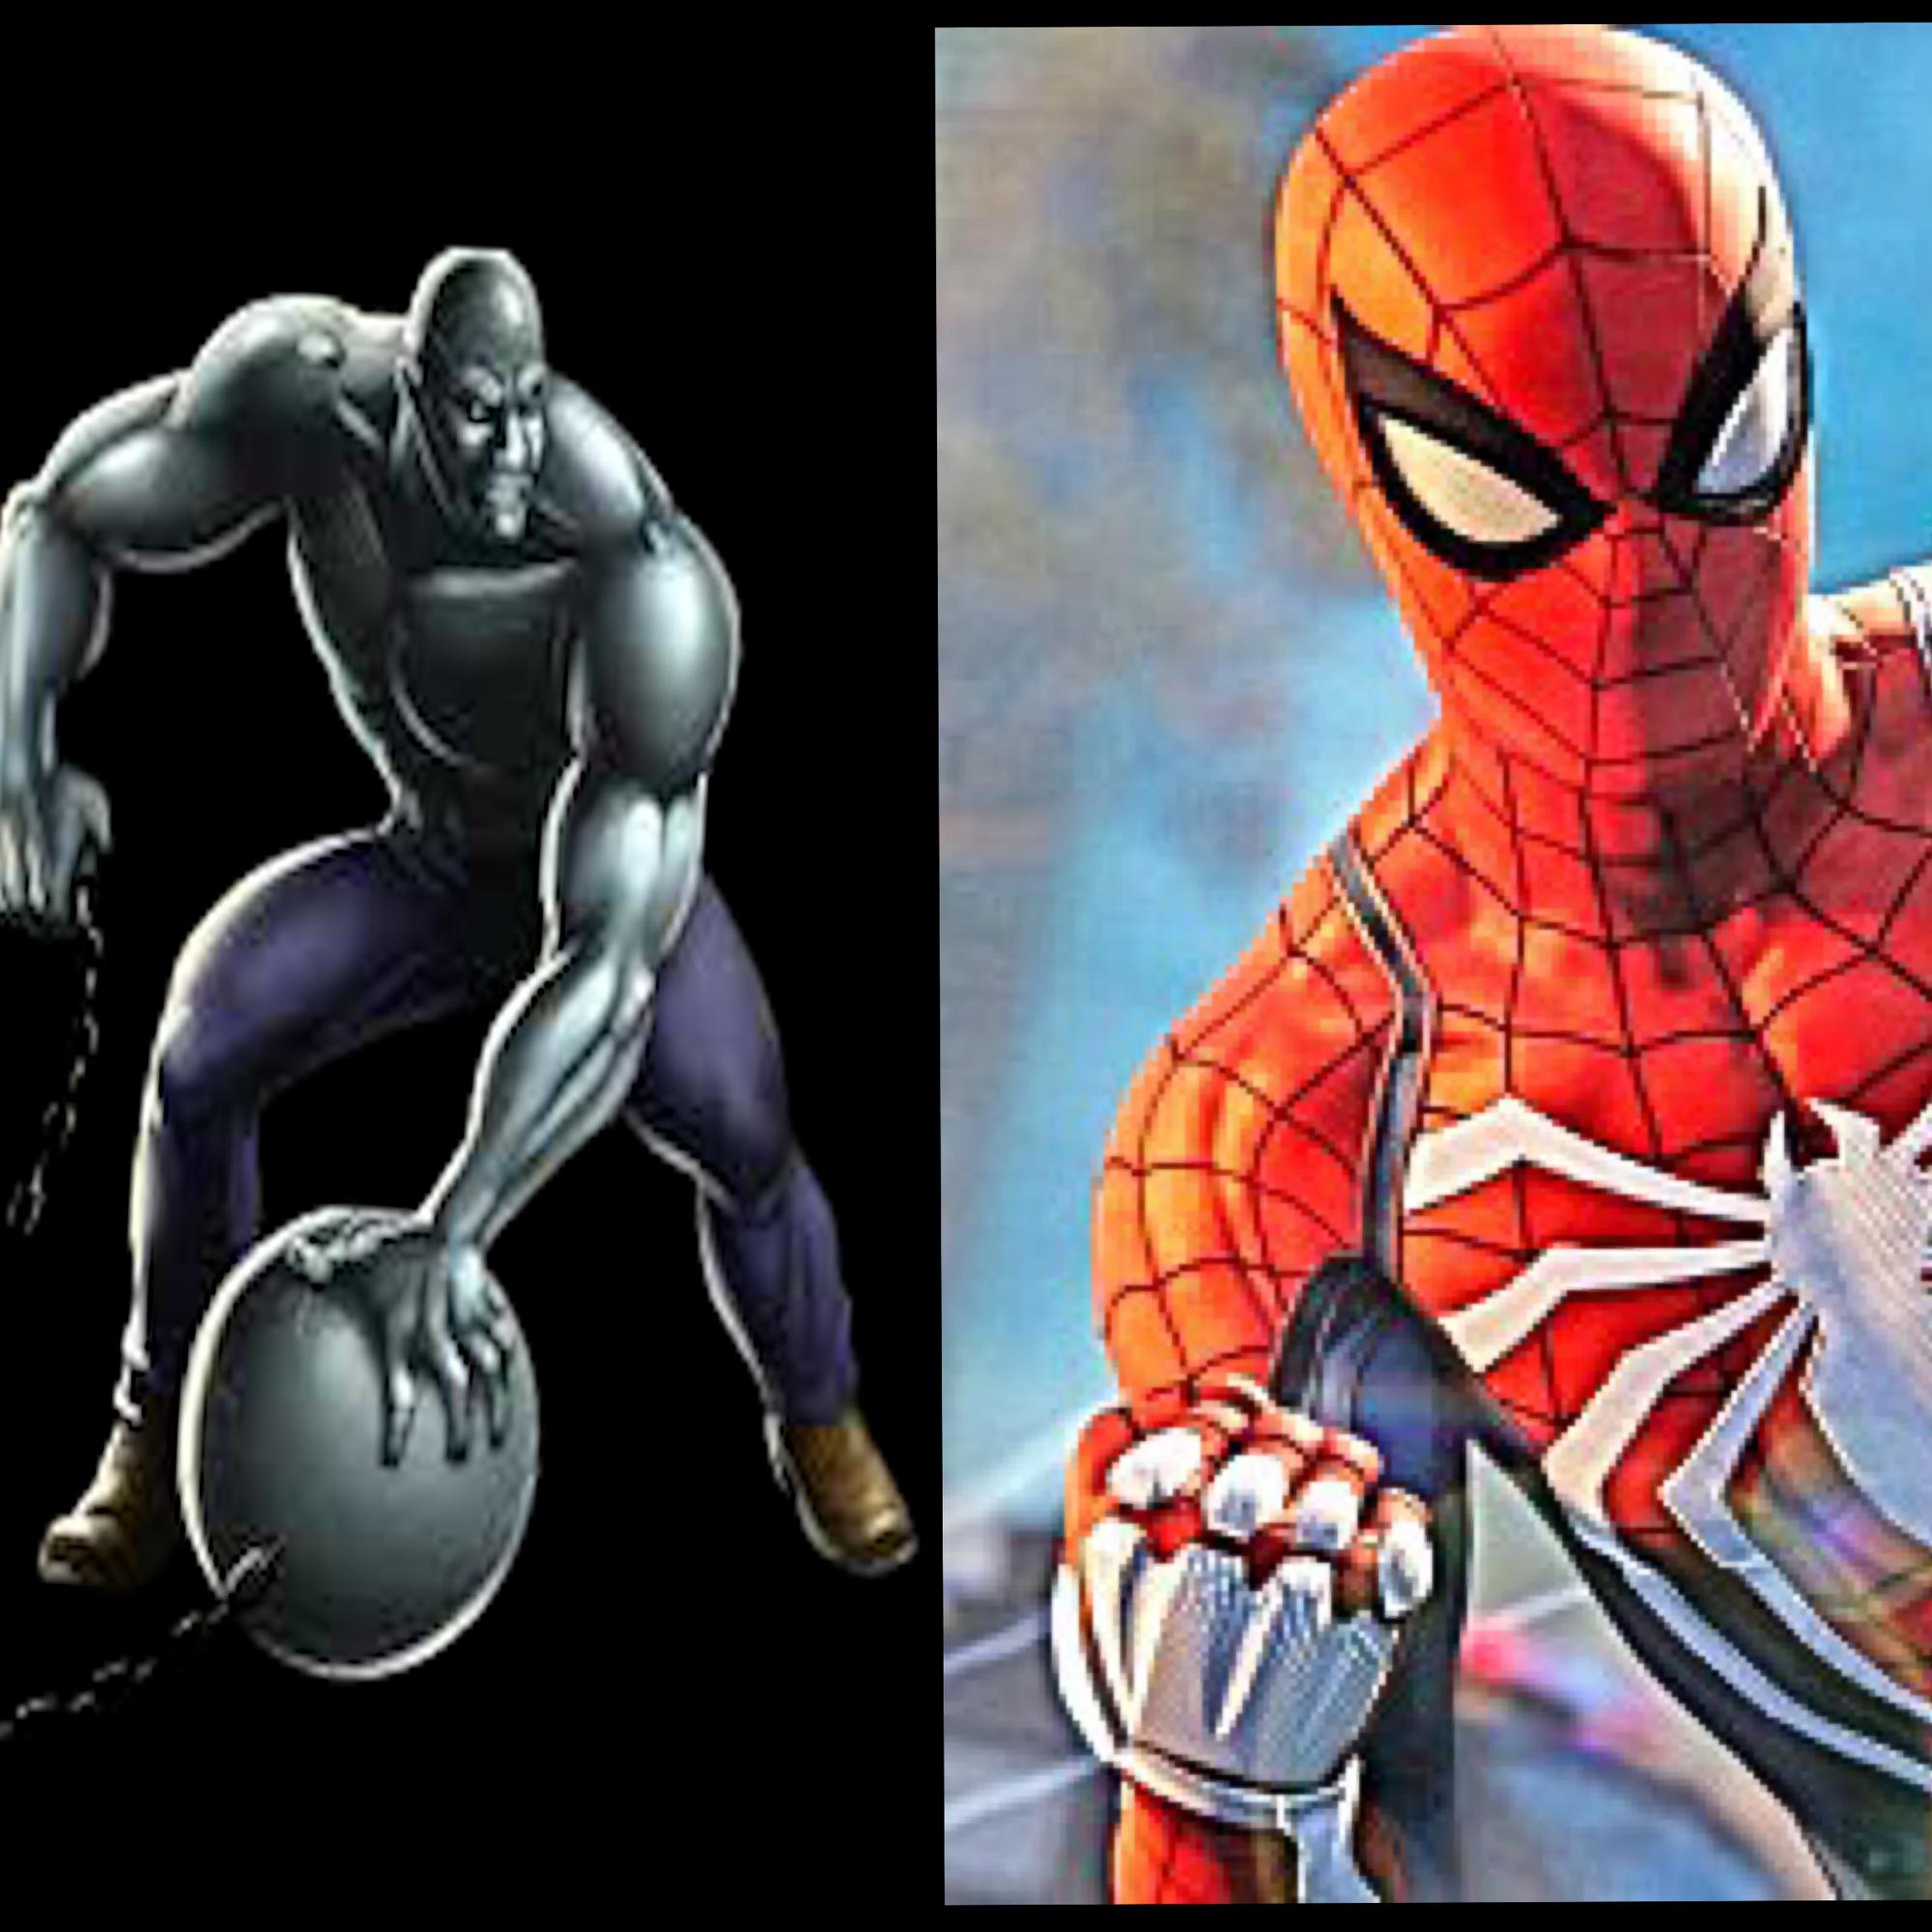 Spider man vs absorbing man